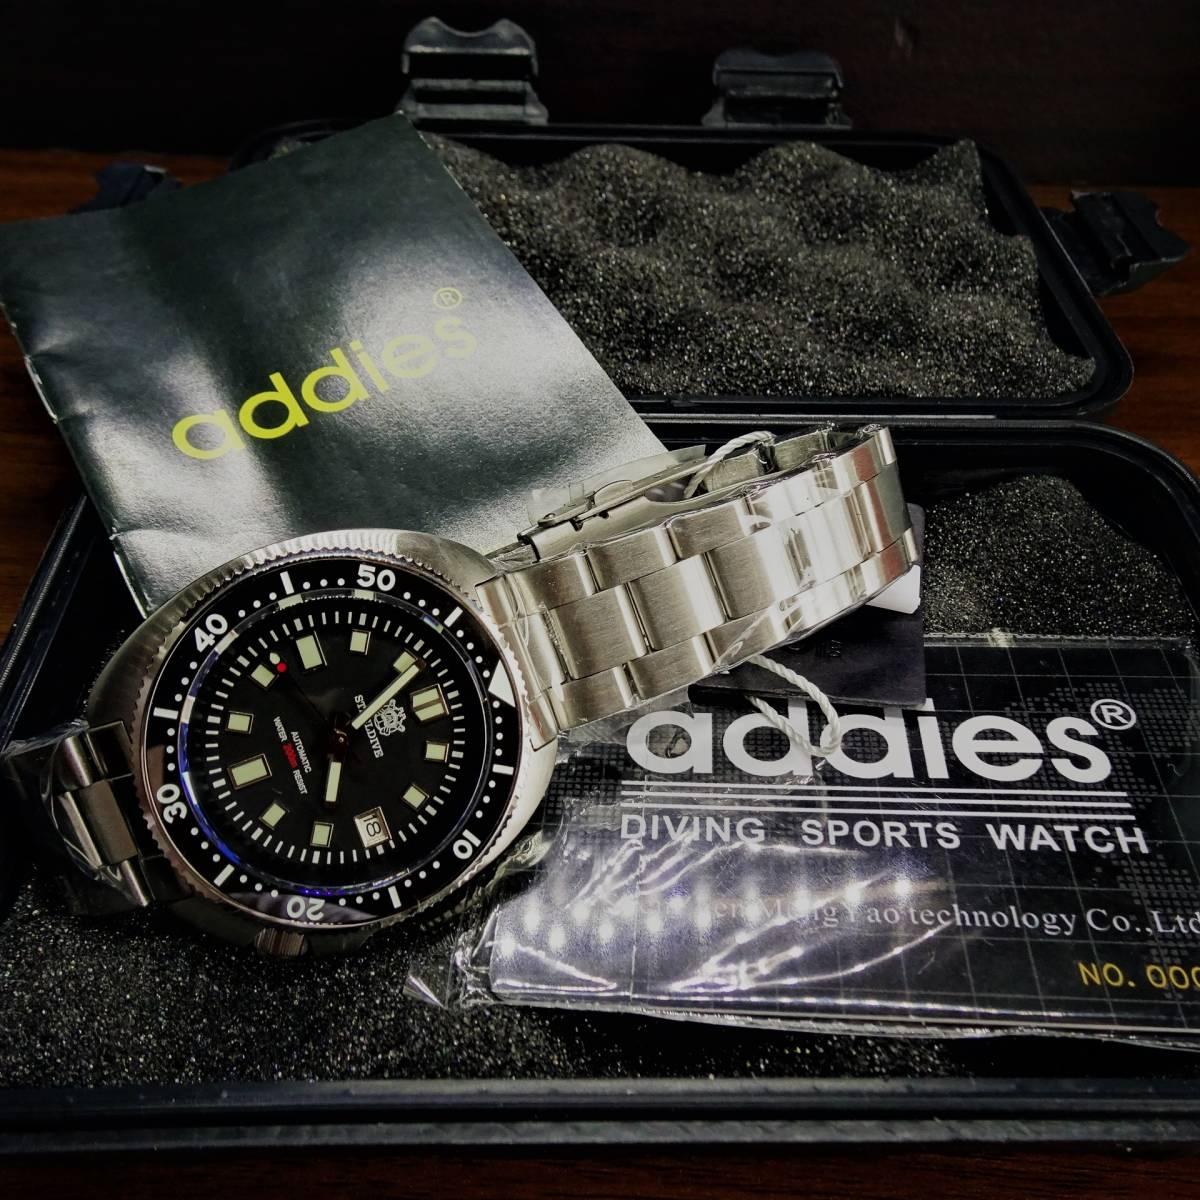 新品〓自動巻きSteeldiveプロダイバー腕時計 200 メートル防水NH35ムーブメント高質機械式腕時計〓セラミックベゼルOEMモデルメタルベルト